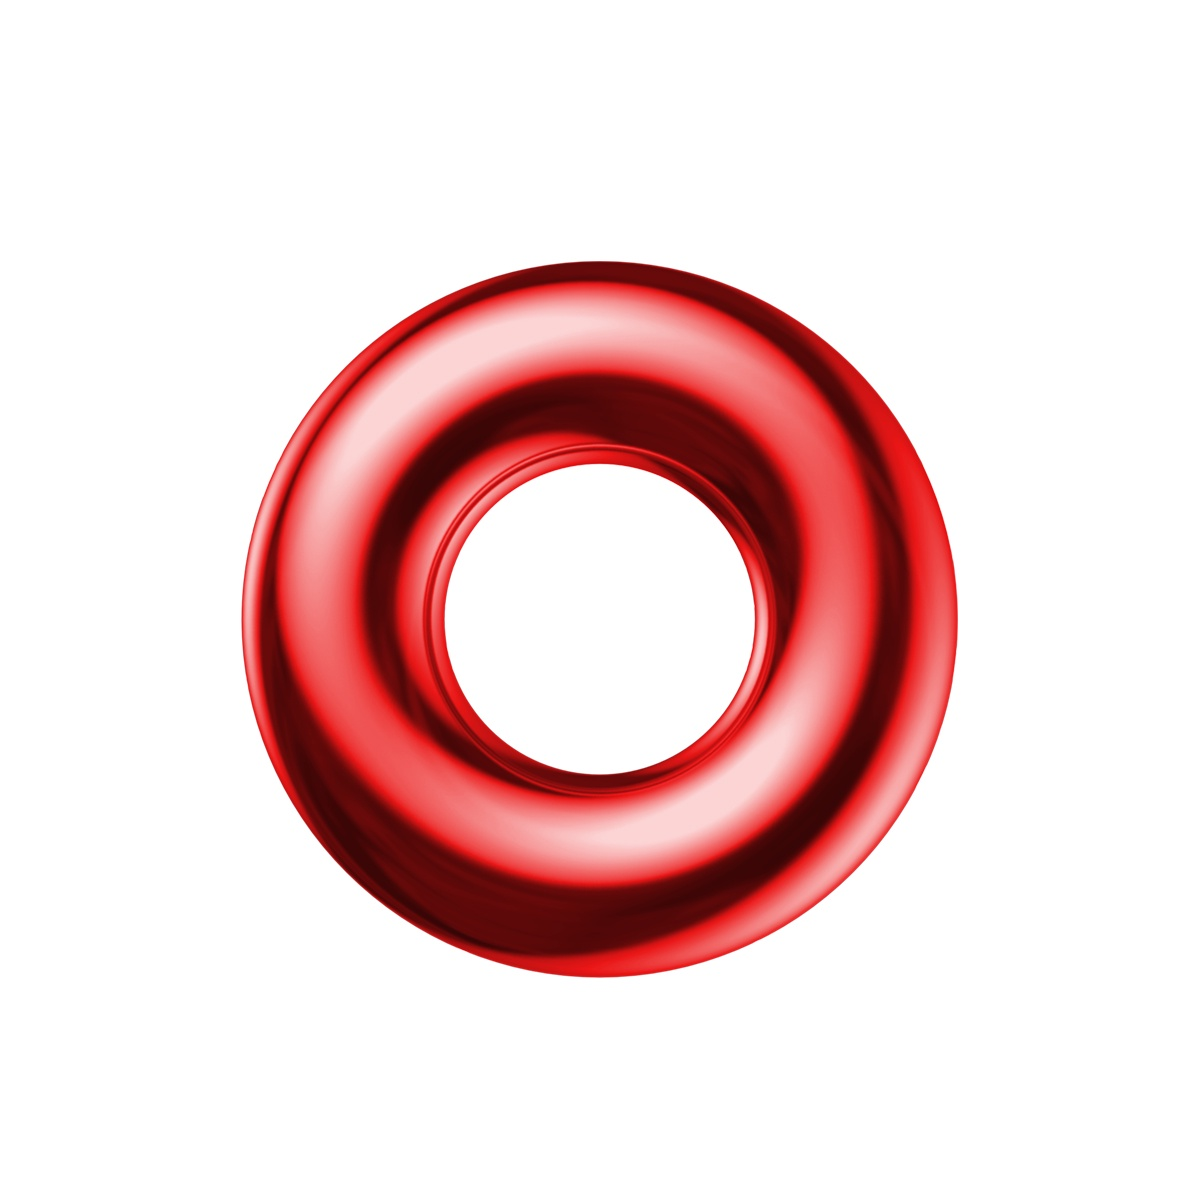 Ароматизатор автомобильный Baseus Circle Vehicle Fragrance - SUXUN-QQ09 (Красный) автомобильный ароматизатор baseus suxun qq0s серебристый